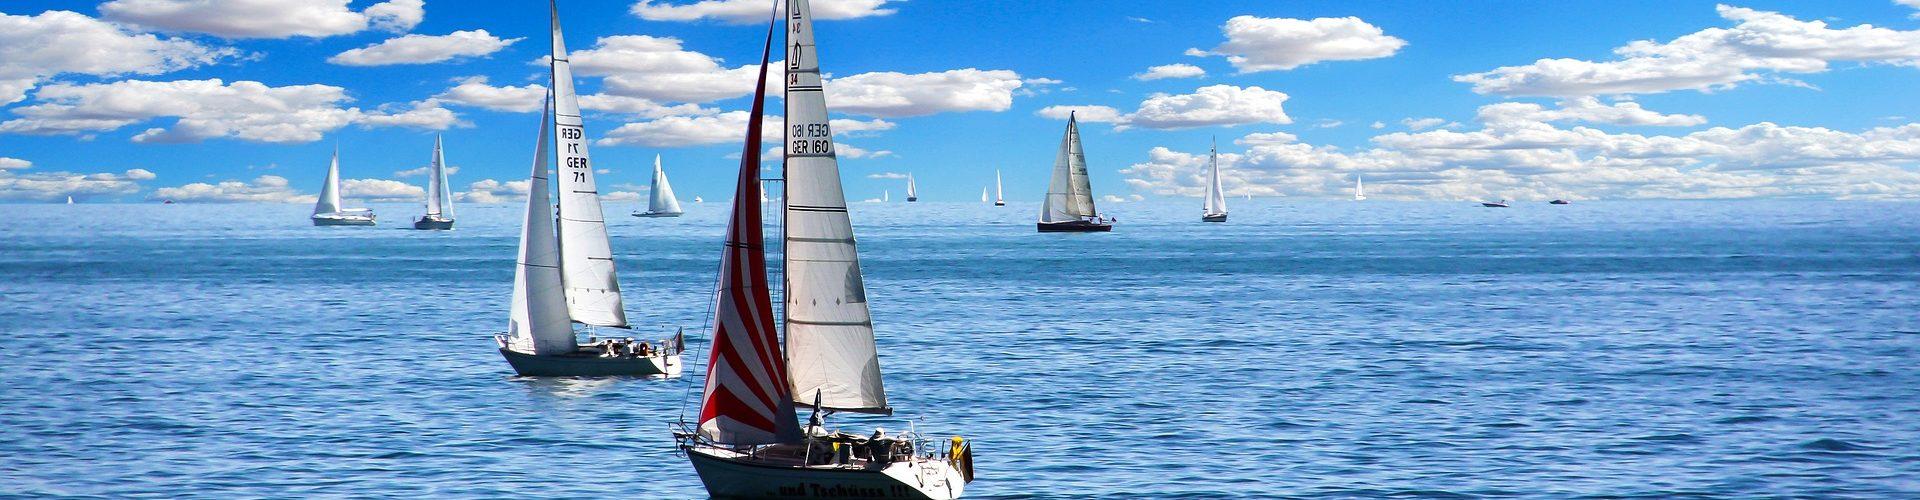 segeln lernen in Borken segelschein machen in Borken 1920x500 - Segeln lernen in Borken